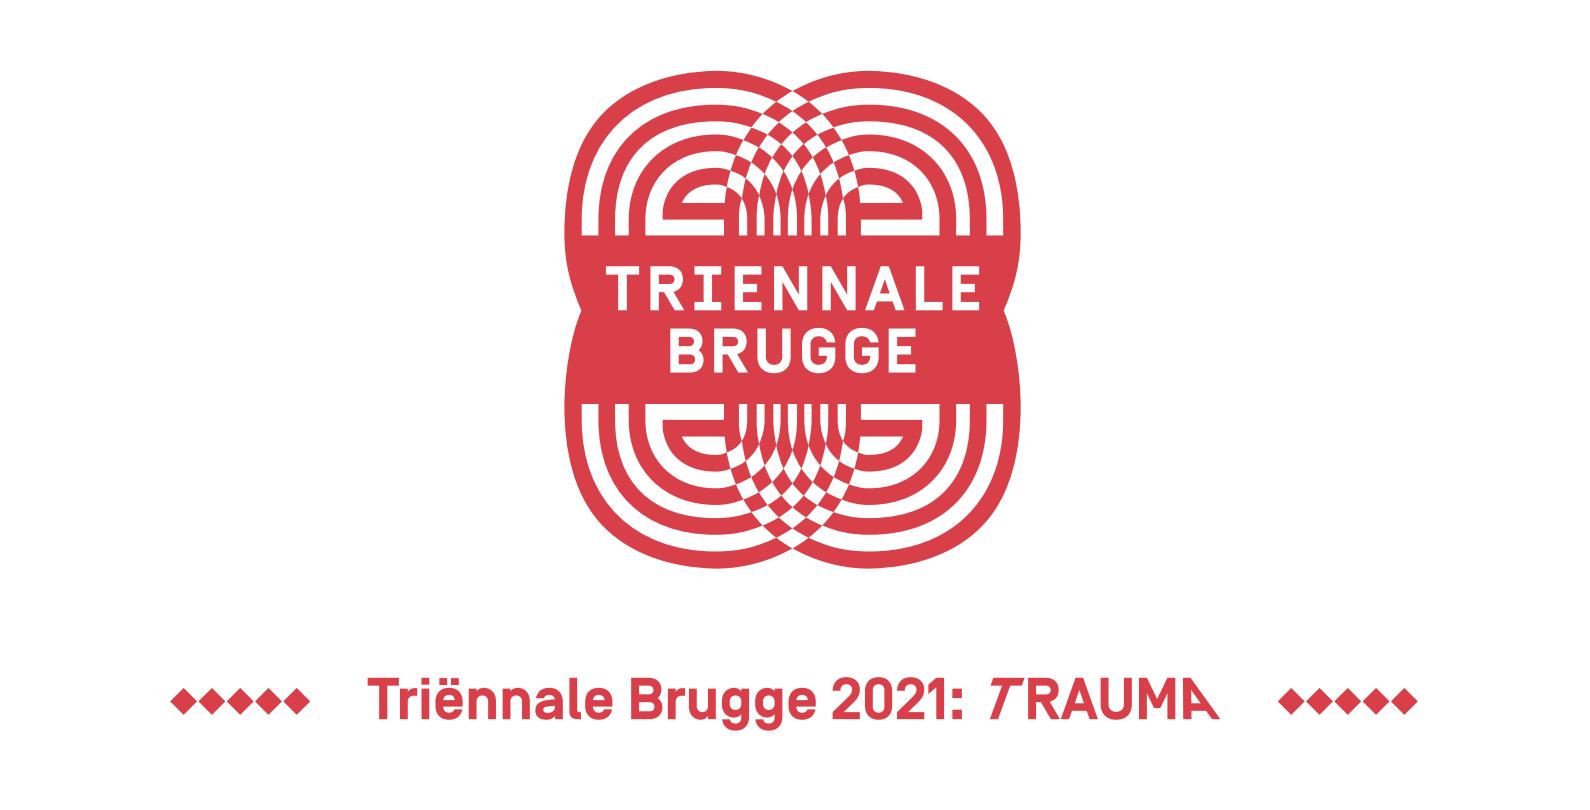 TRIENNALE Brugge 2021